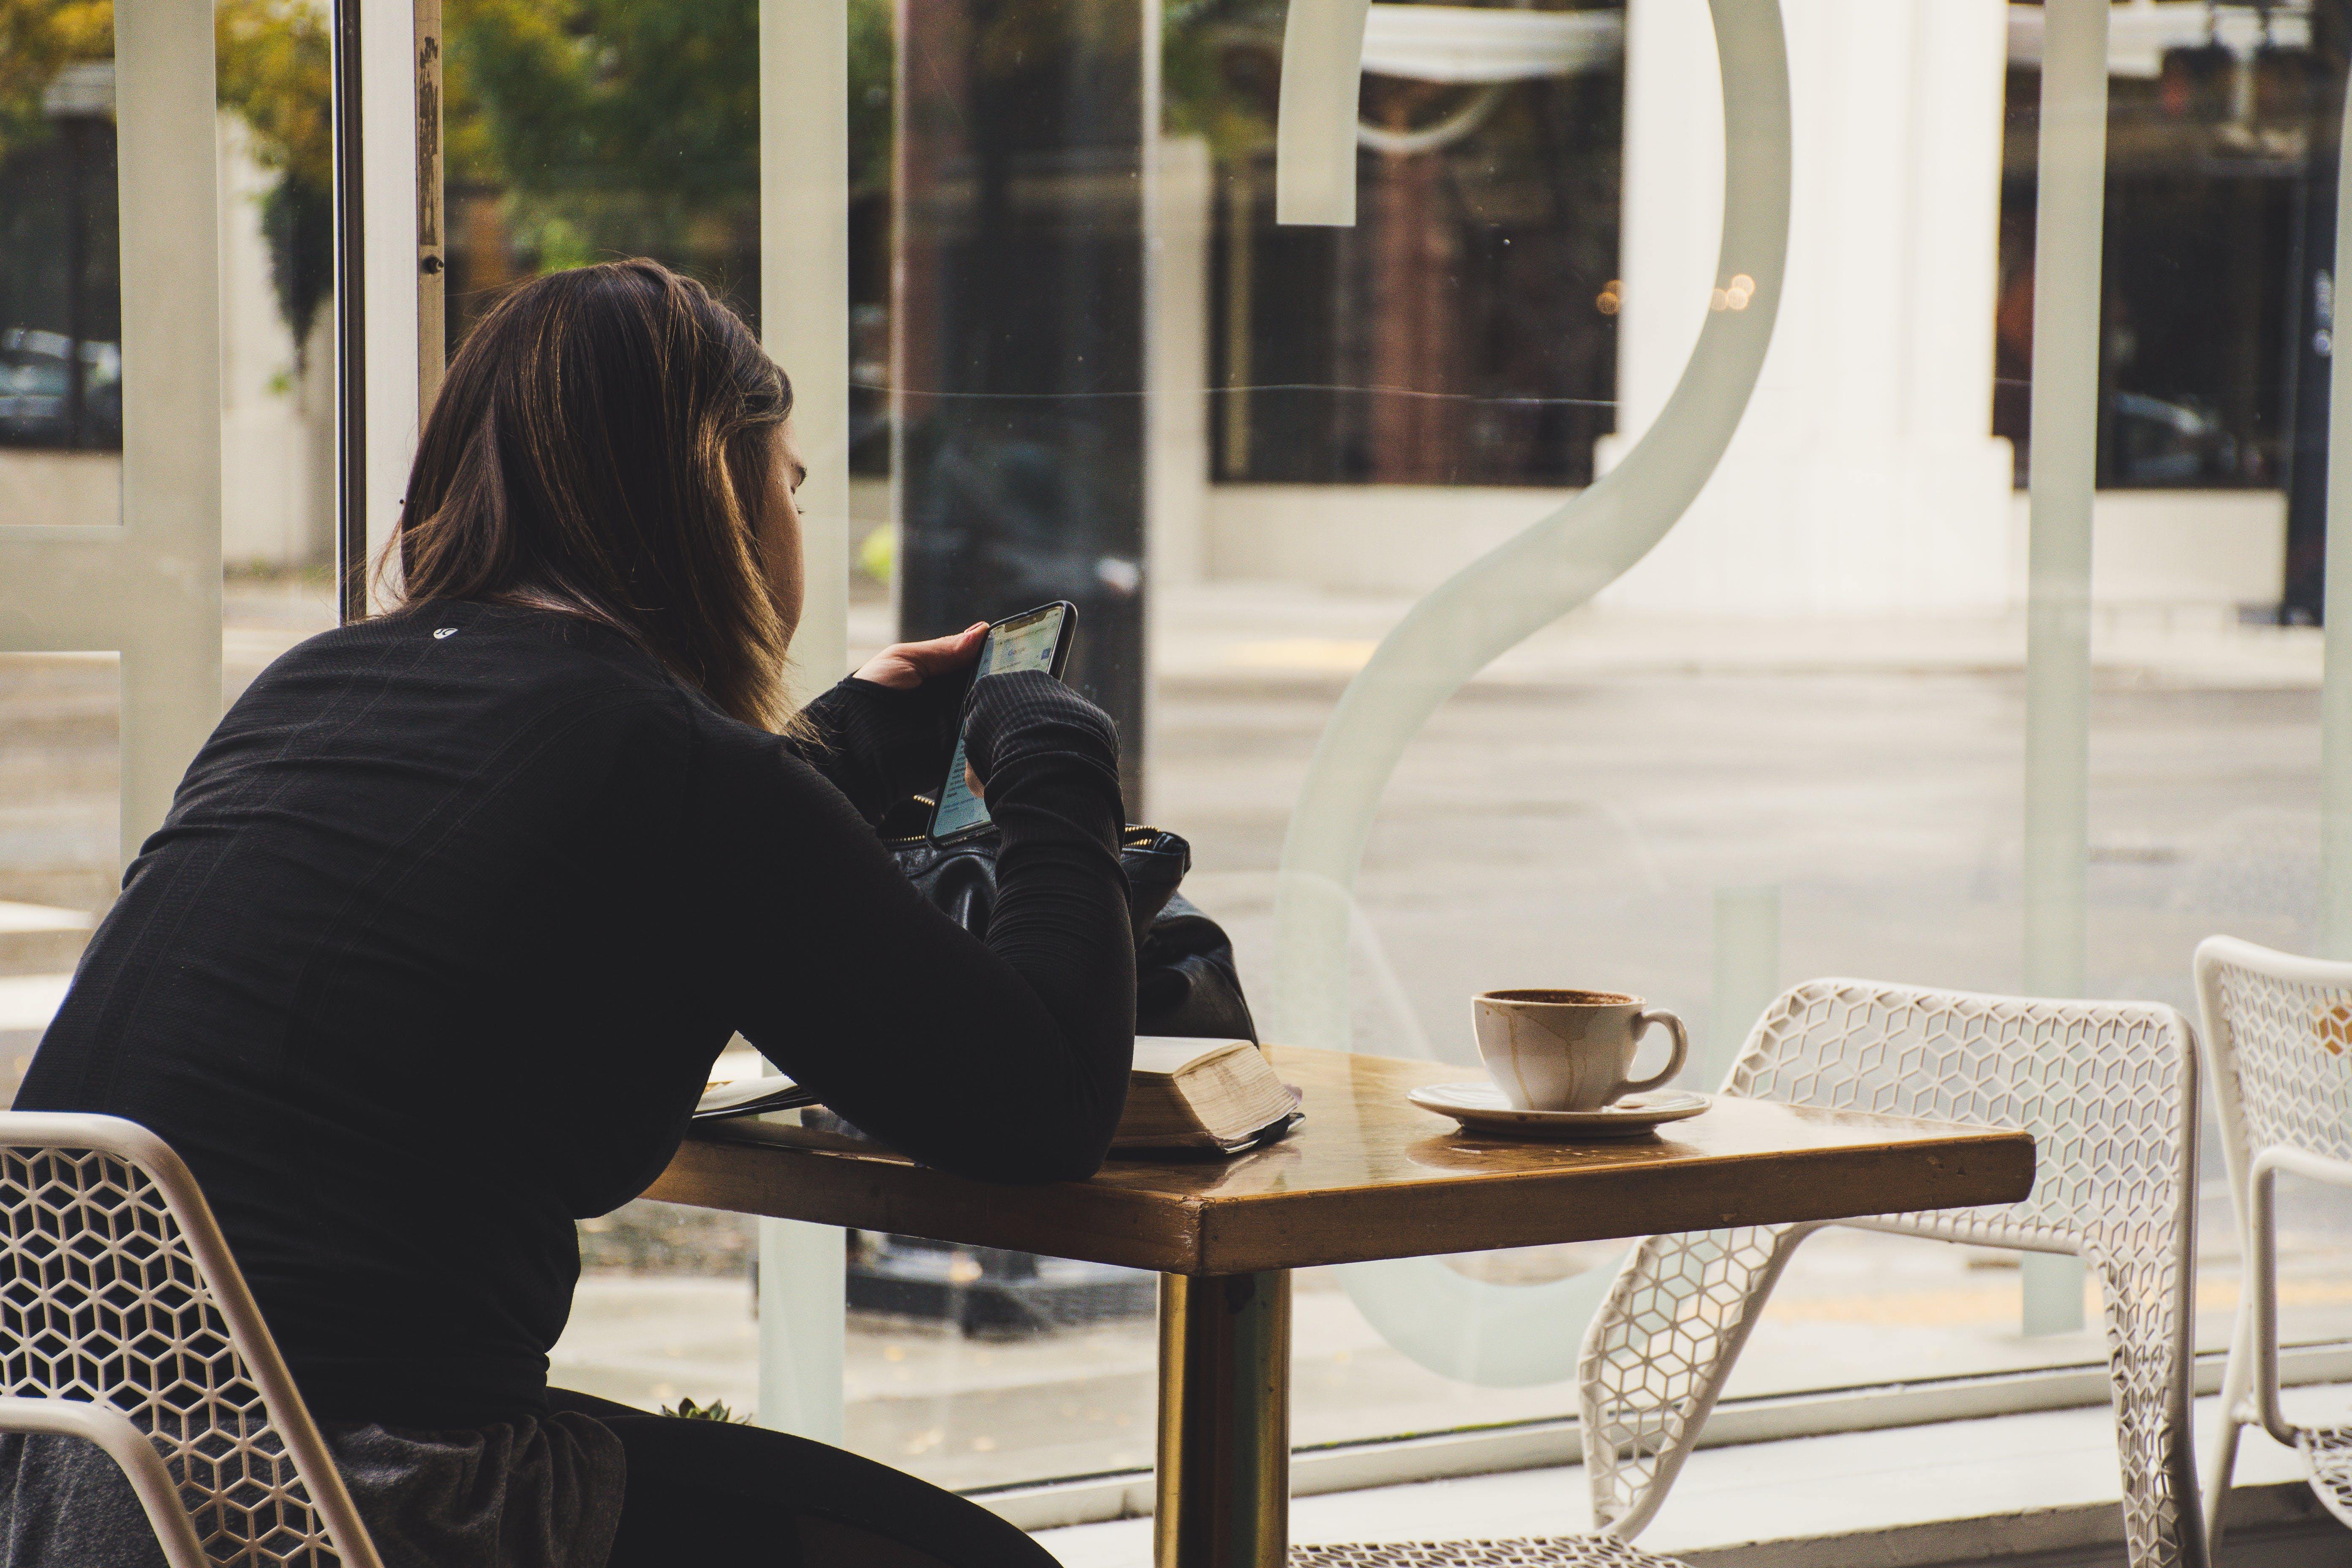 Kostenloses Stock Foto zu person, frau, kaffee, beschäftigt